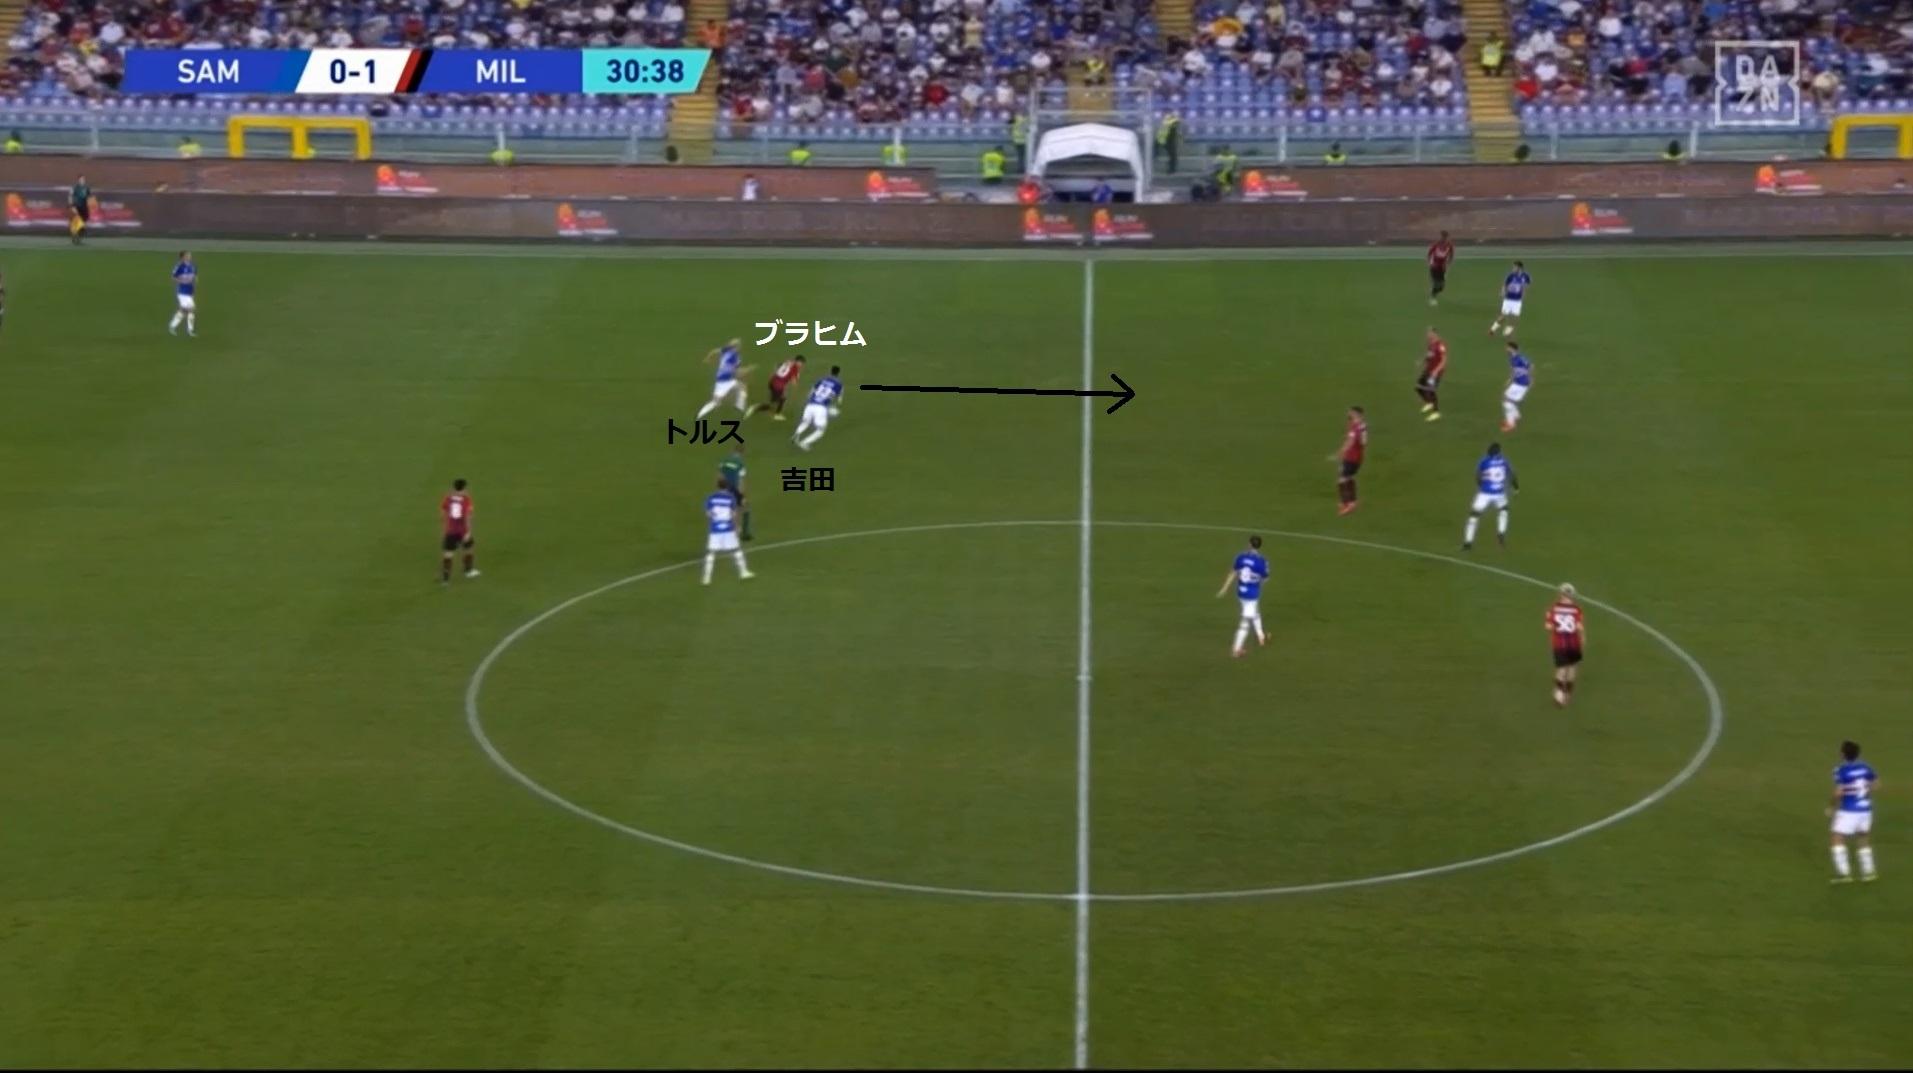 【21-22シーズン】サンプドリア対ミラン_戦術分析4